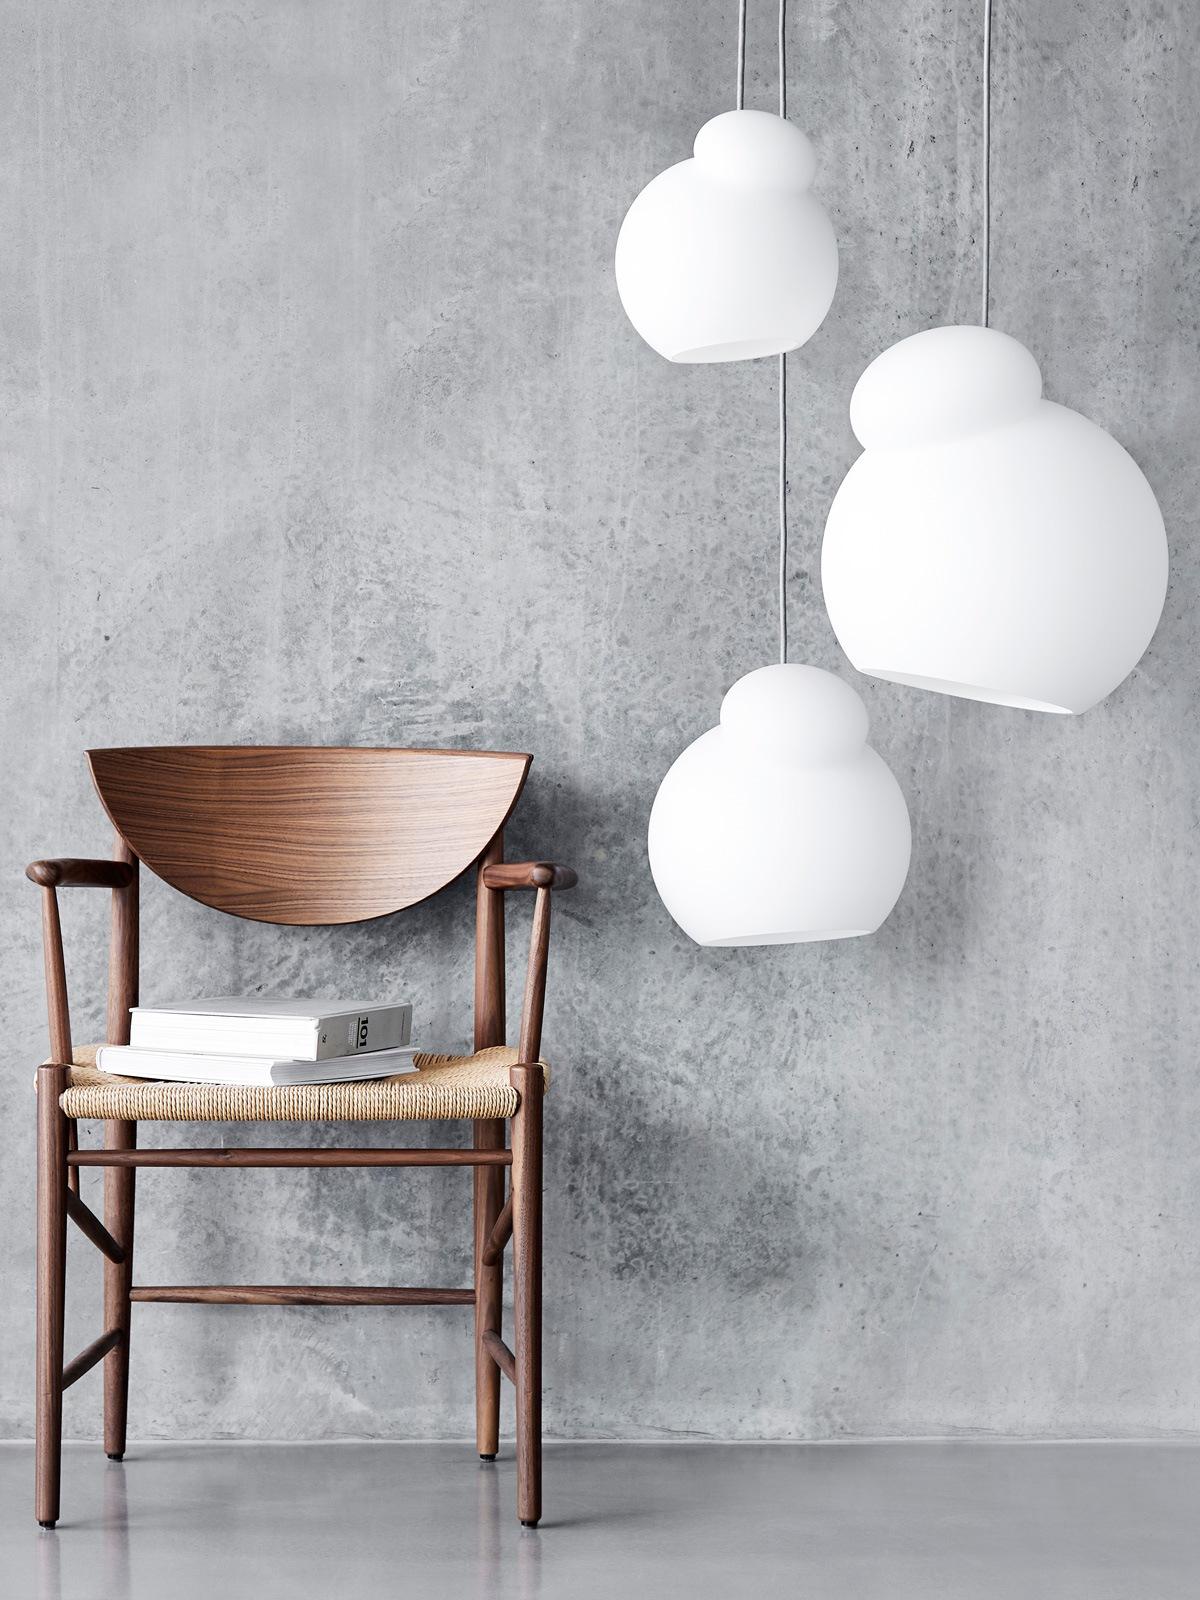 Air Glass Pendant Frandsen Pendelleuchte mundgeblasenes Glas drei Größen DesignOrt Onlineshop Leuchten Berlin